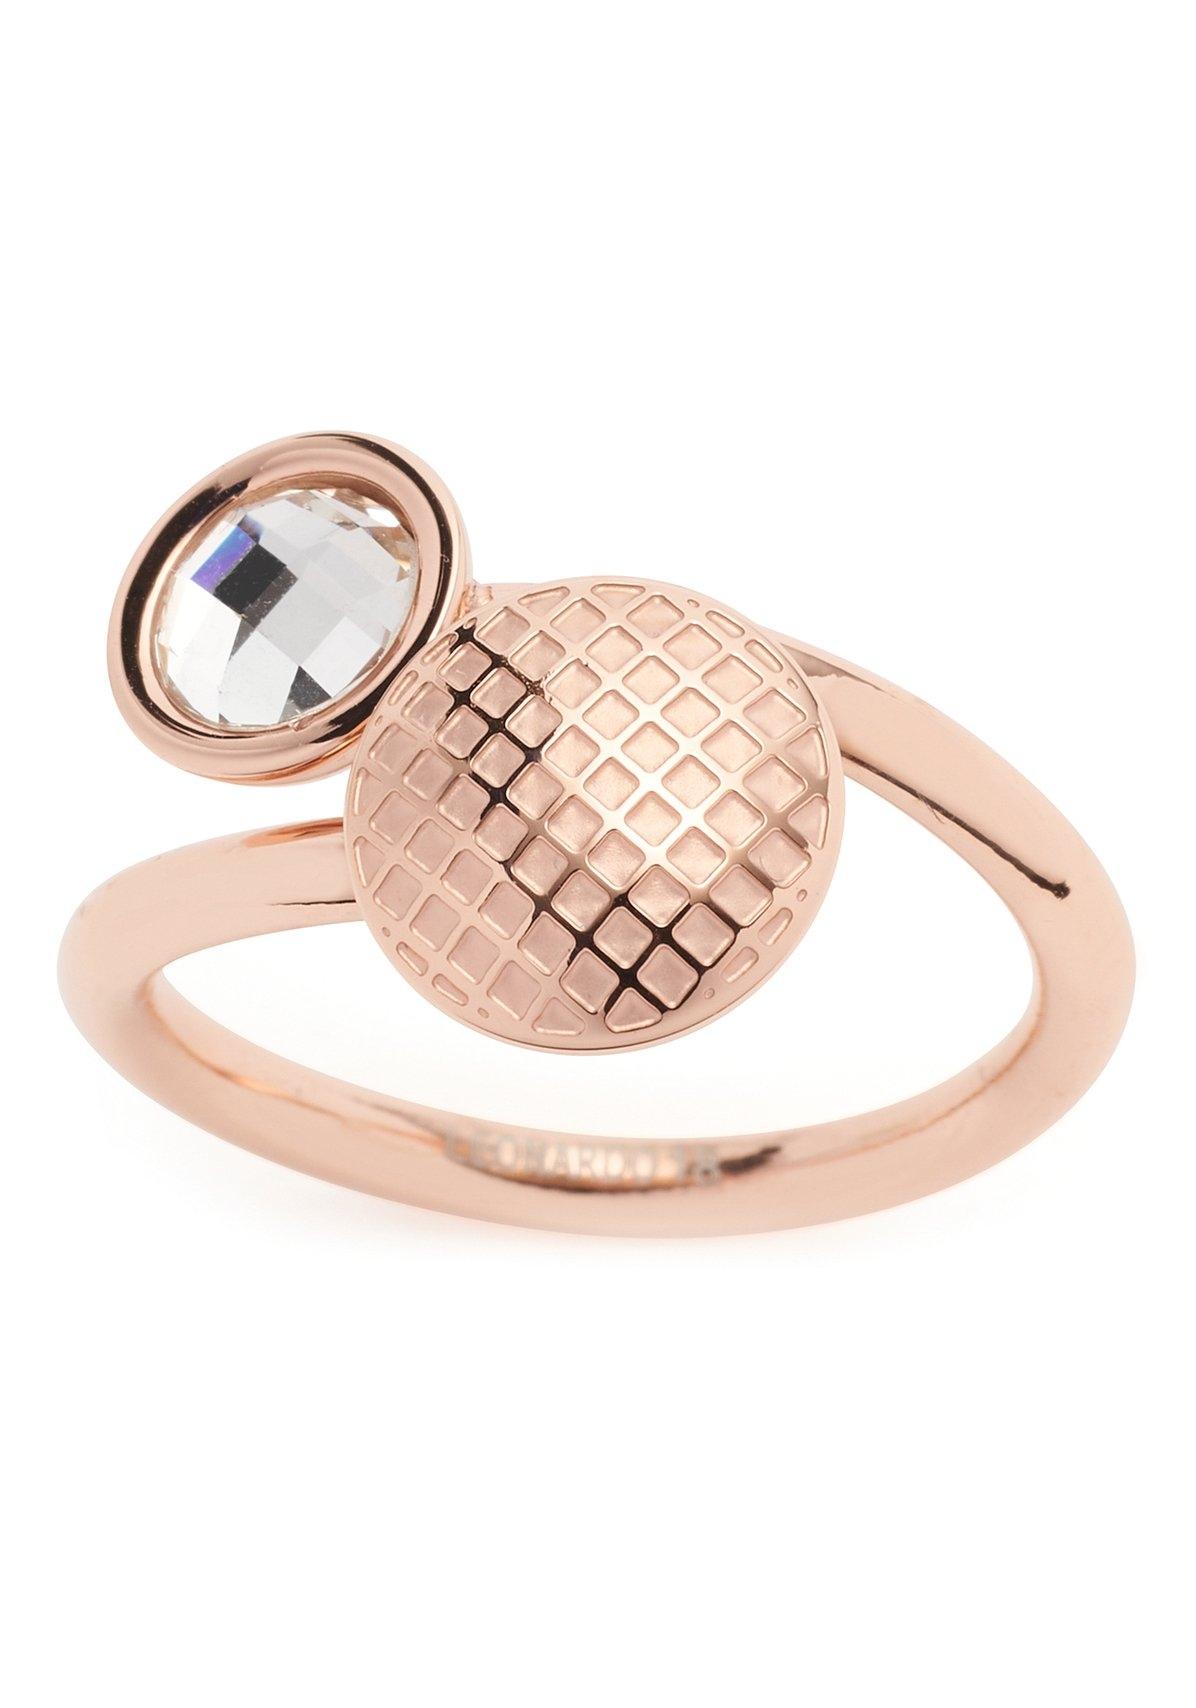 Op zoek naar een LEONARDO ring Delicato, 018362, 018363, 018364 met glassteen? Koop online bij OTTO